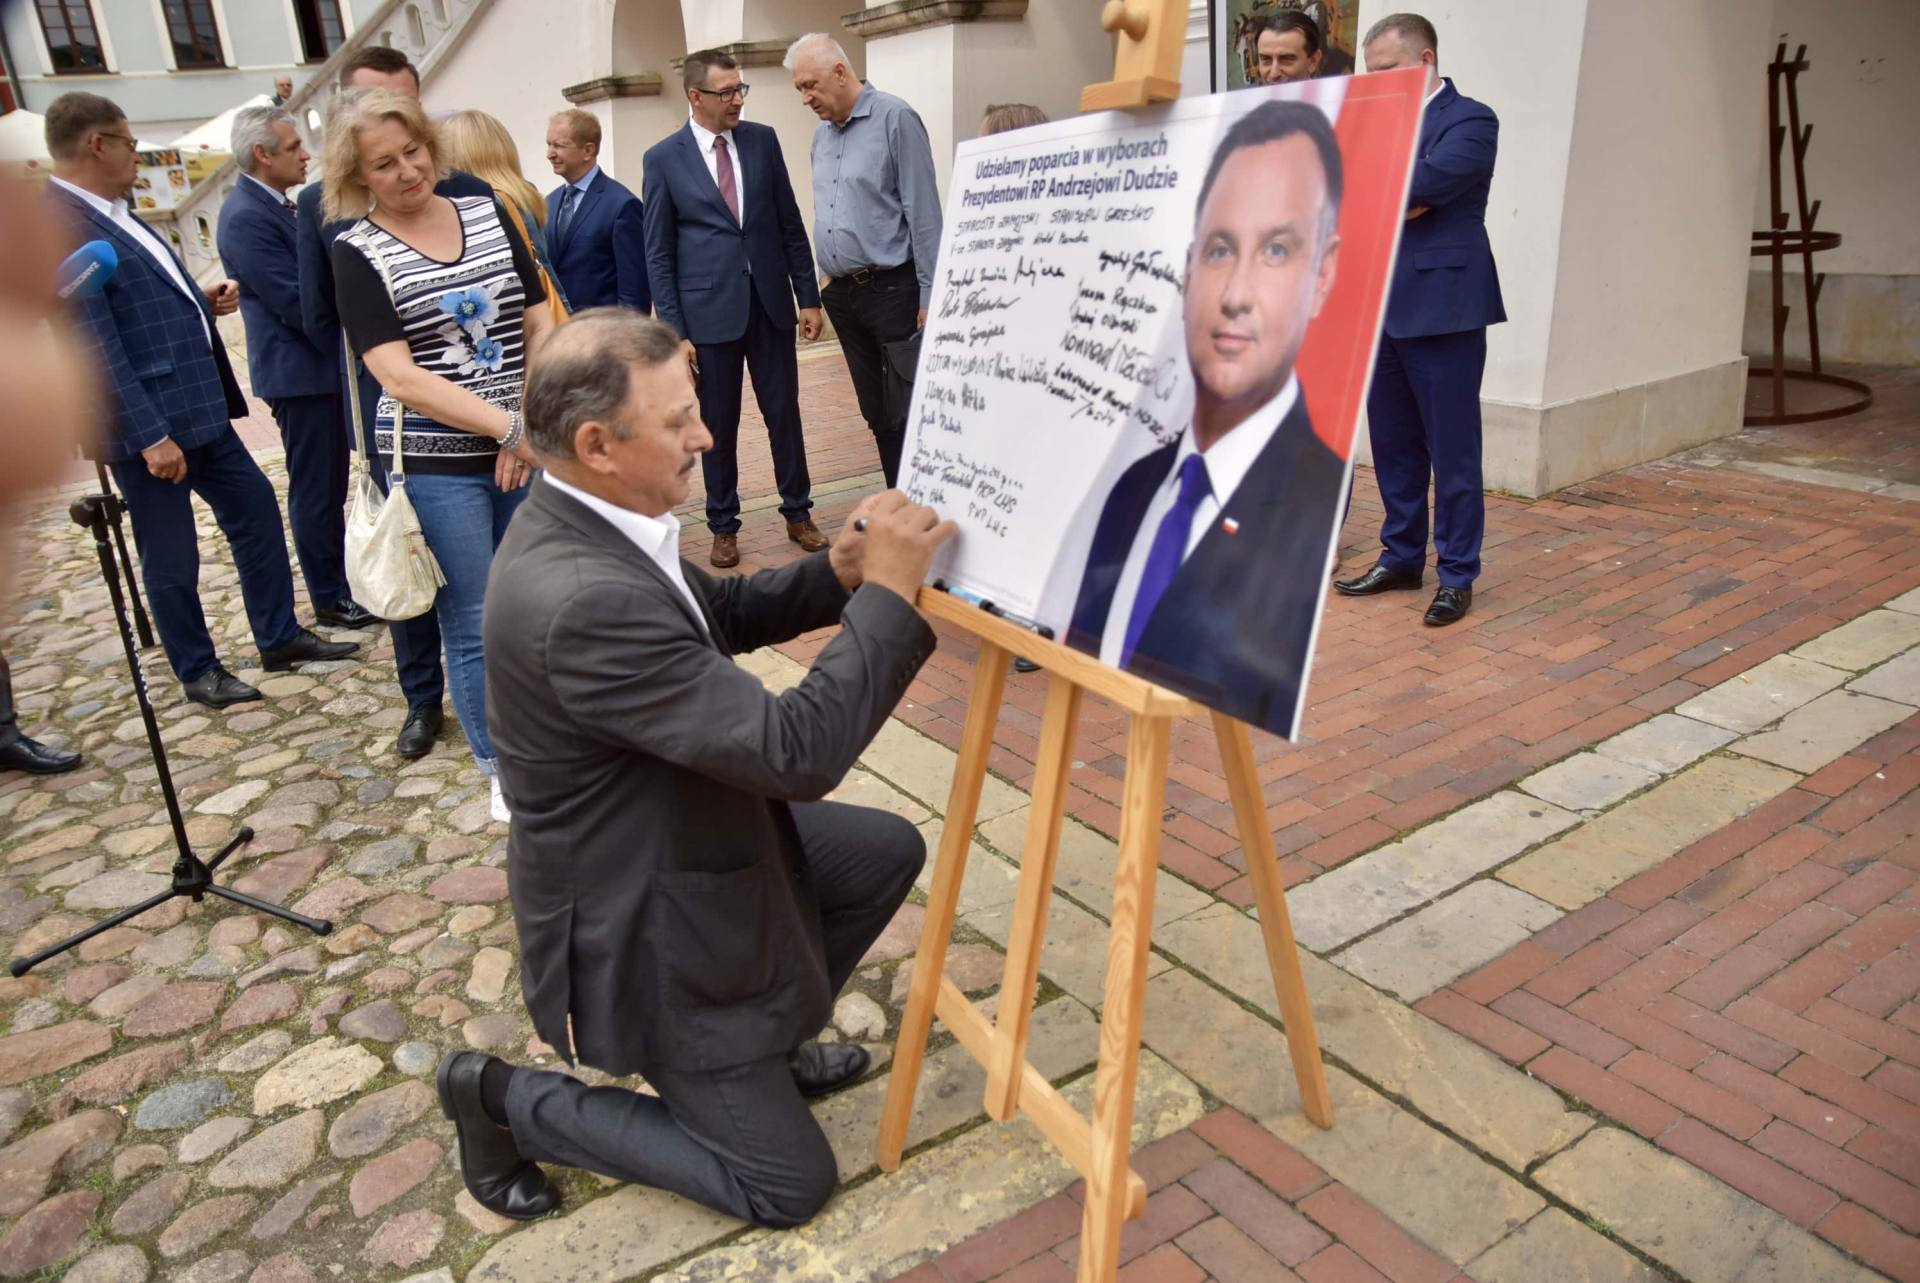 dsc 7795 Zamość: Udzielili poparcia prezydentowi Andrzejowi Dudzie